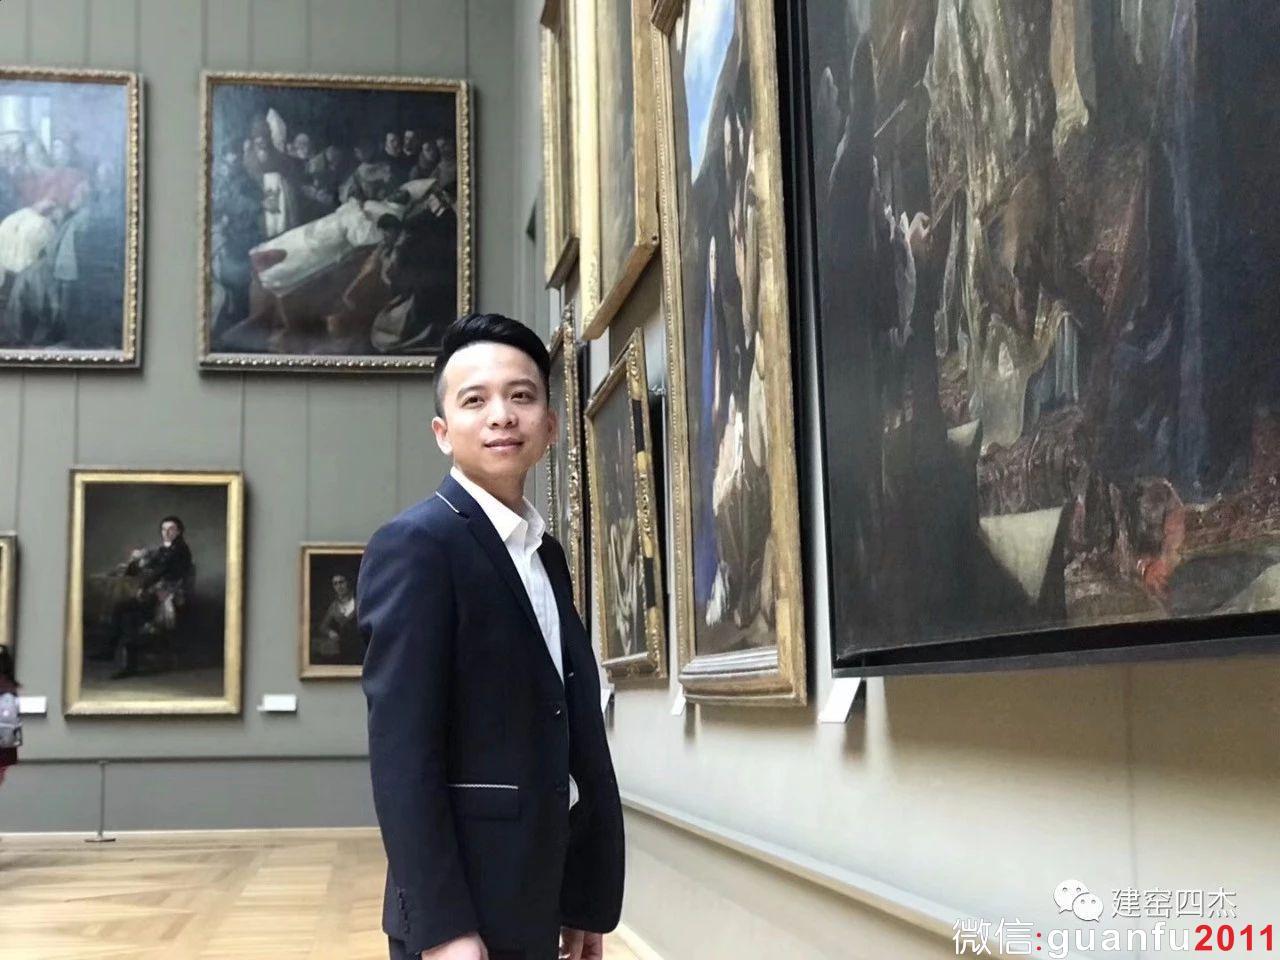 法国卢浮宫非遗展满载归来,独家揭秘建窑四杰之陈叶琦与建盏的巴黎之旅